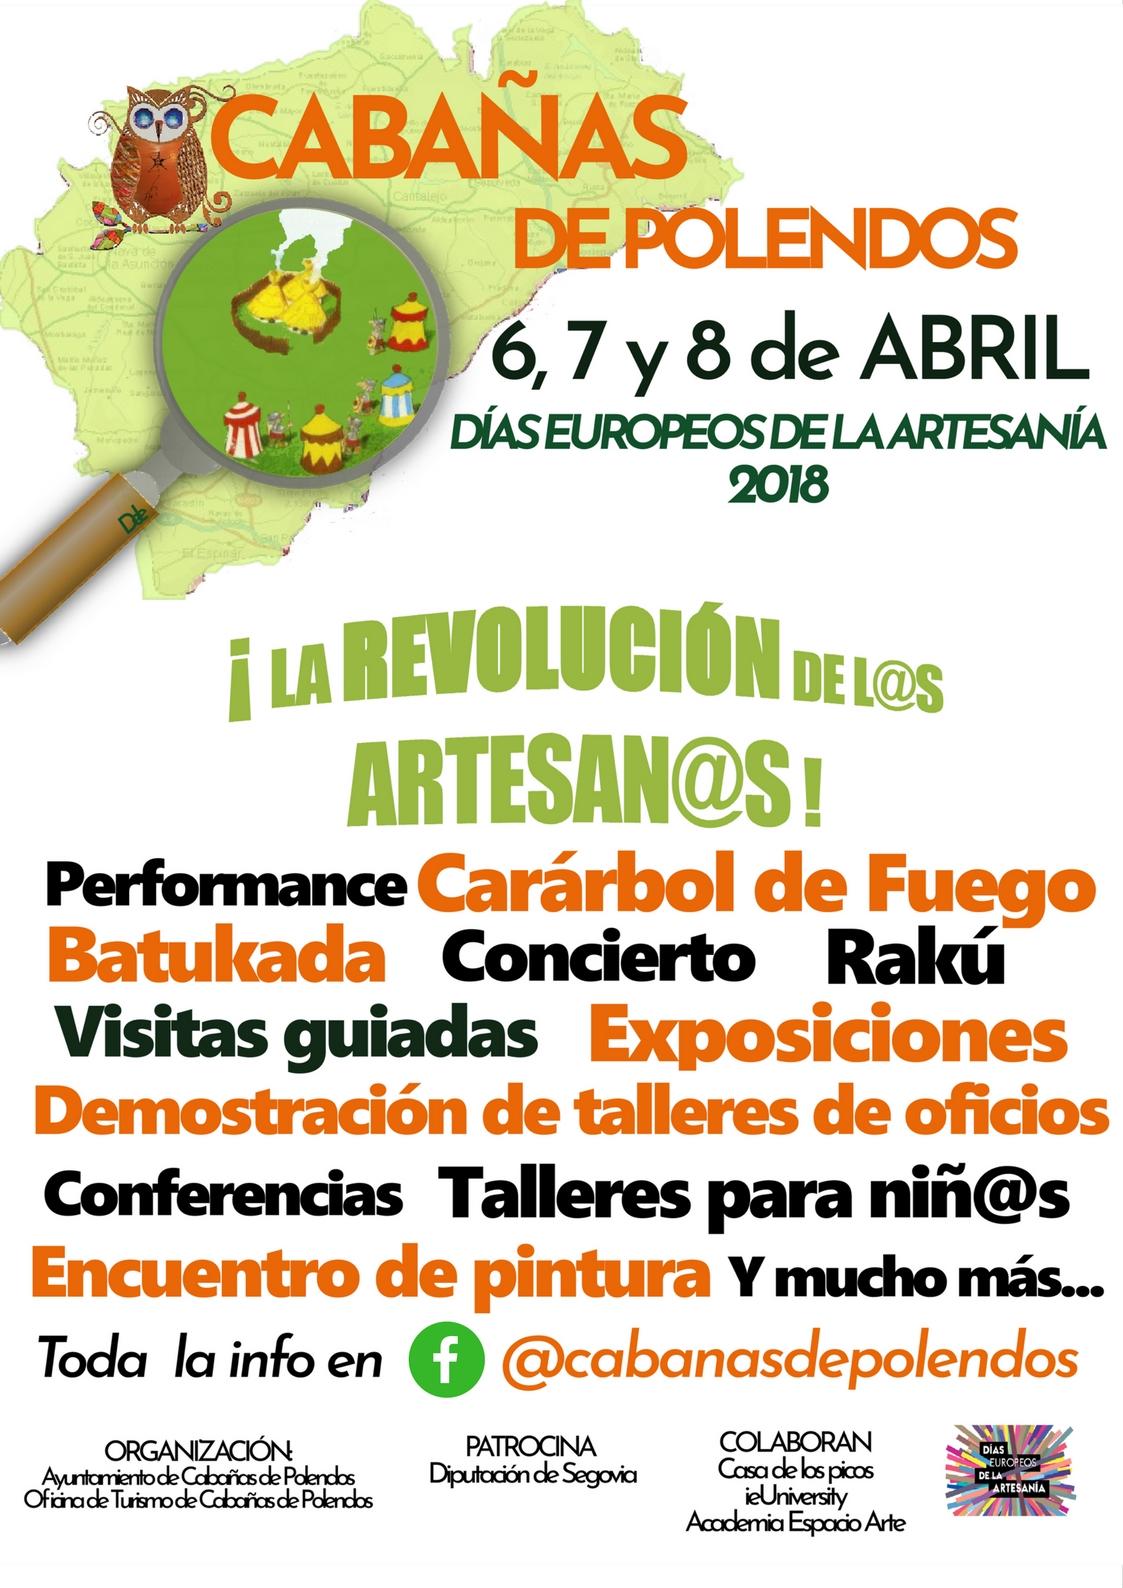 Cabañas de Polendos. Feria de la artesanía. Segovia.